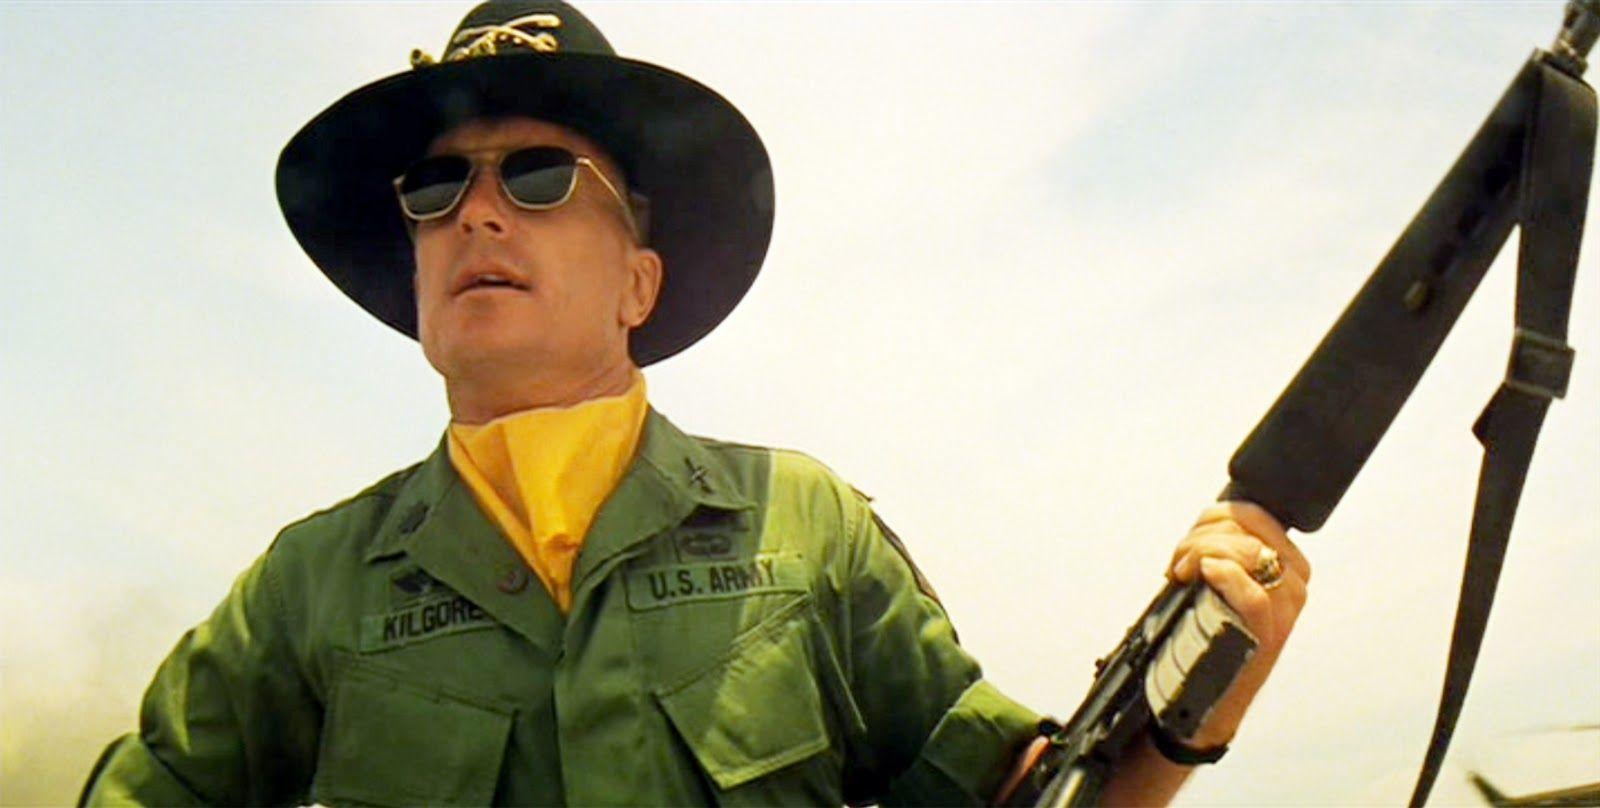 Us Kilgore Dispatcher: U.S. Army Vietnam Uniform